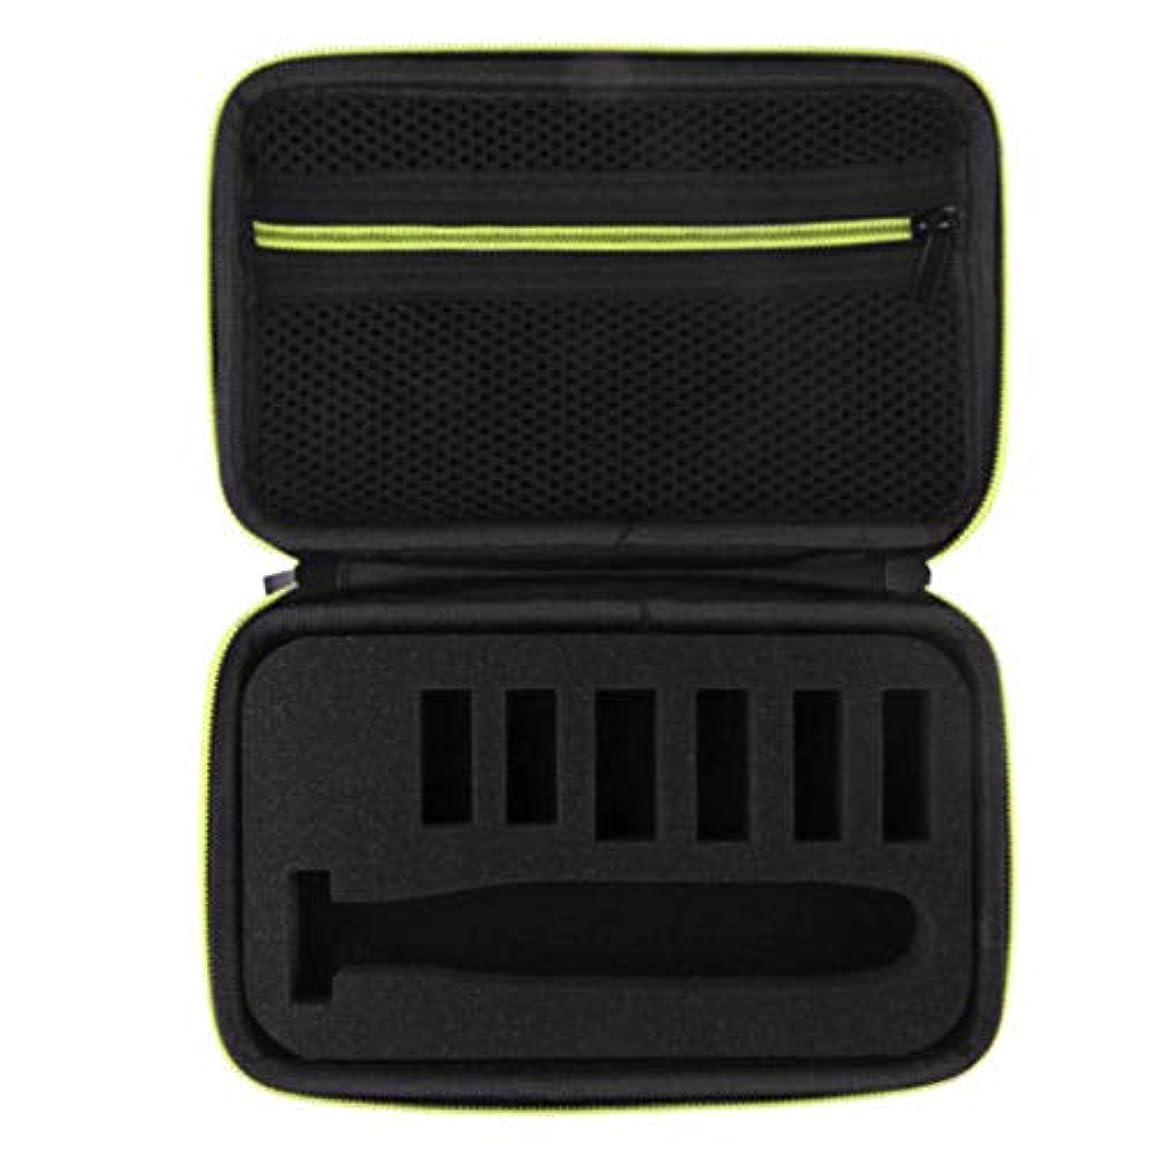 是正する承認エコーCUHAWUDBA 1Xシェーバー収納キャリングケースボックスキャリーバッグ One Blade Pro Razor Ukに適合します